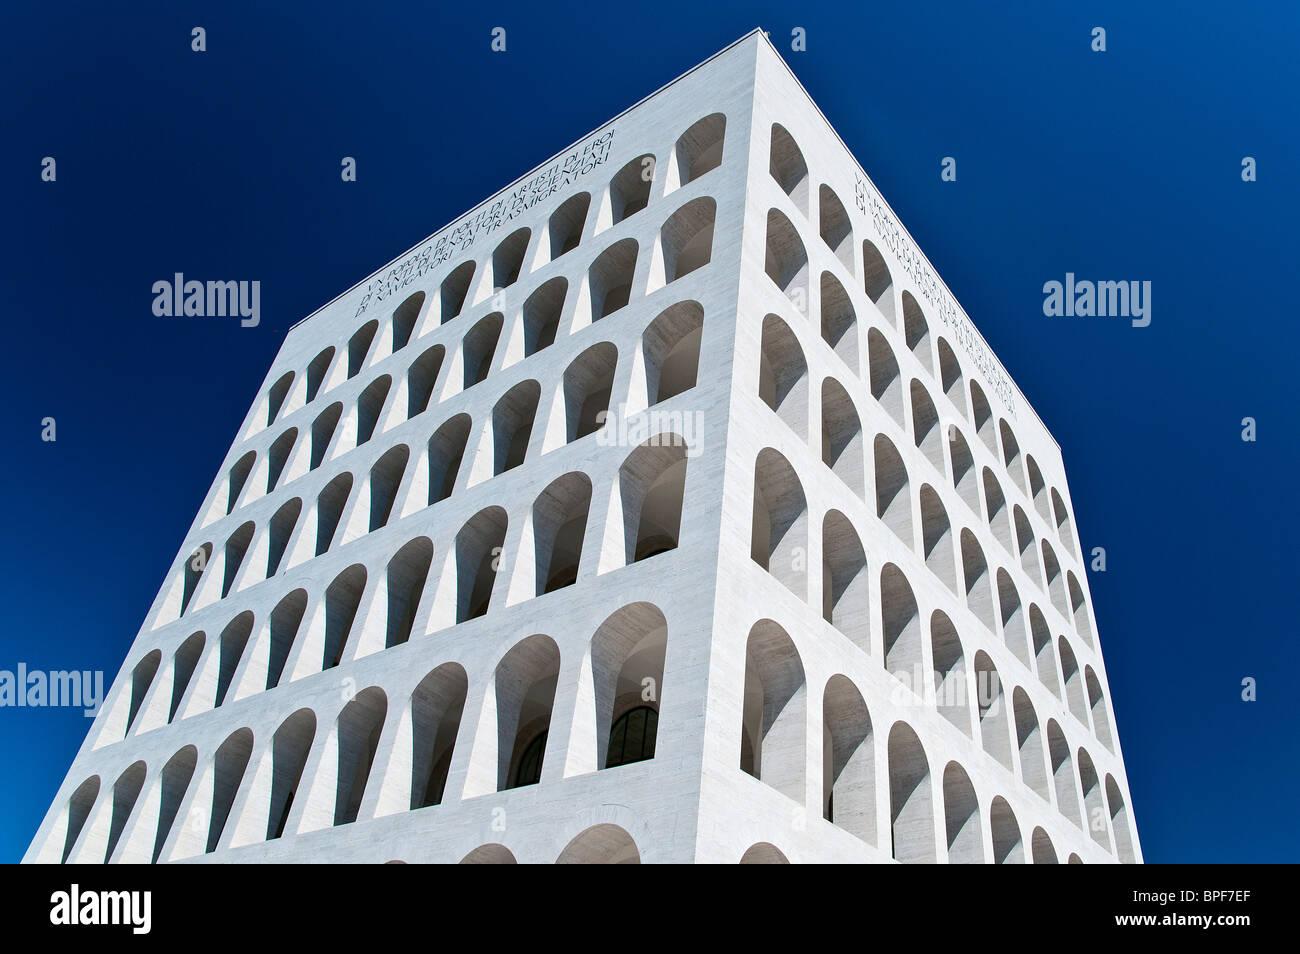 Palazzo della Civiltà Italiana building, icône de l'architecture fasciste, quartier EUR, Rome, Italie Photo Stock